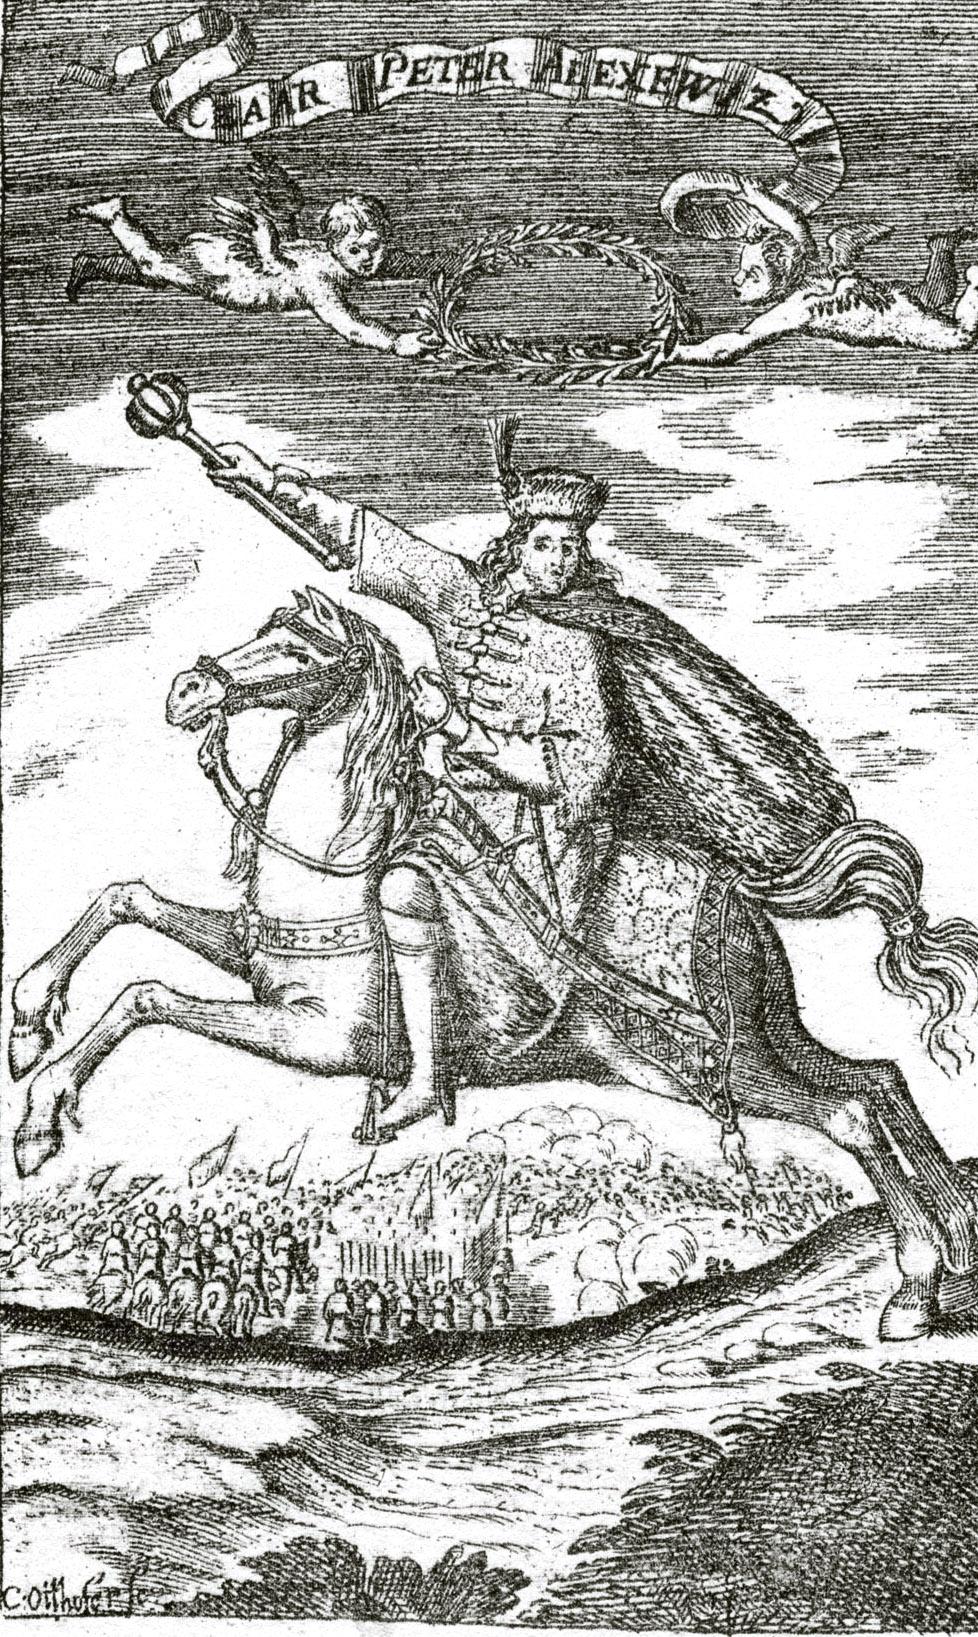 5. Царь Петр верхом